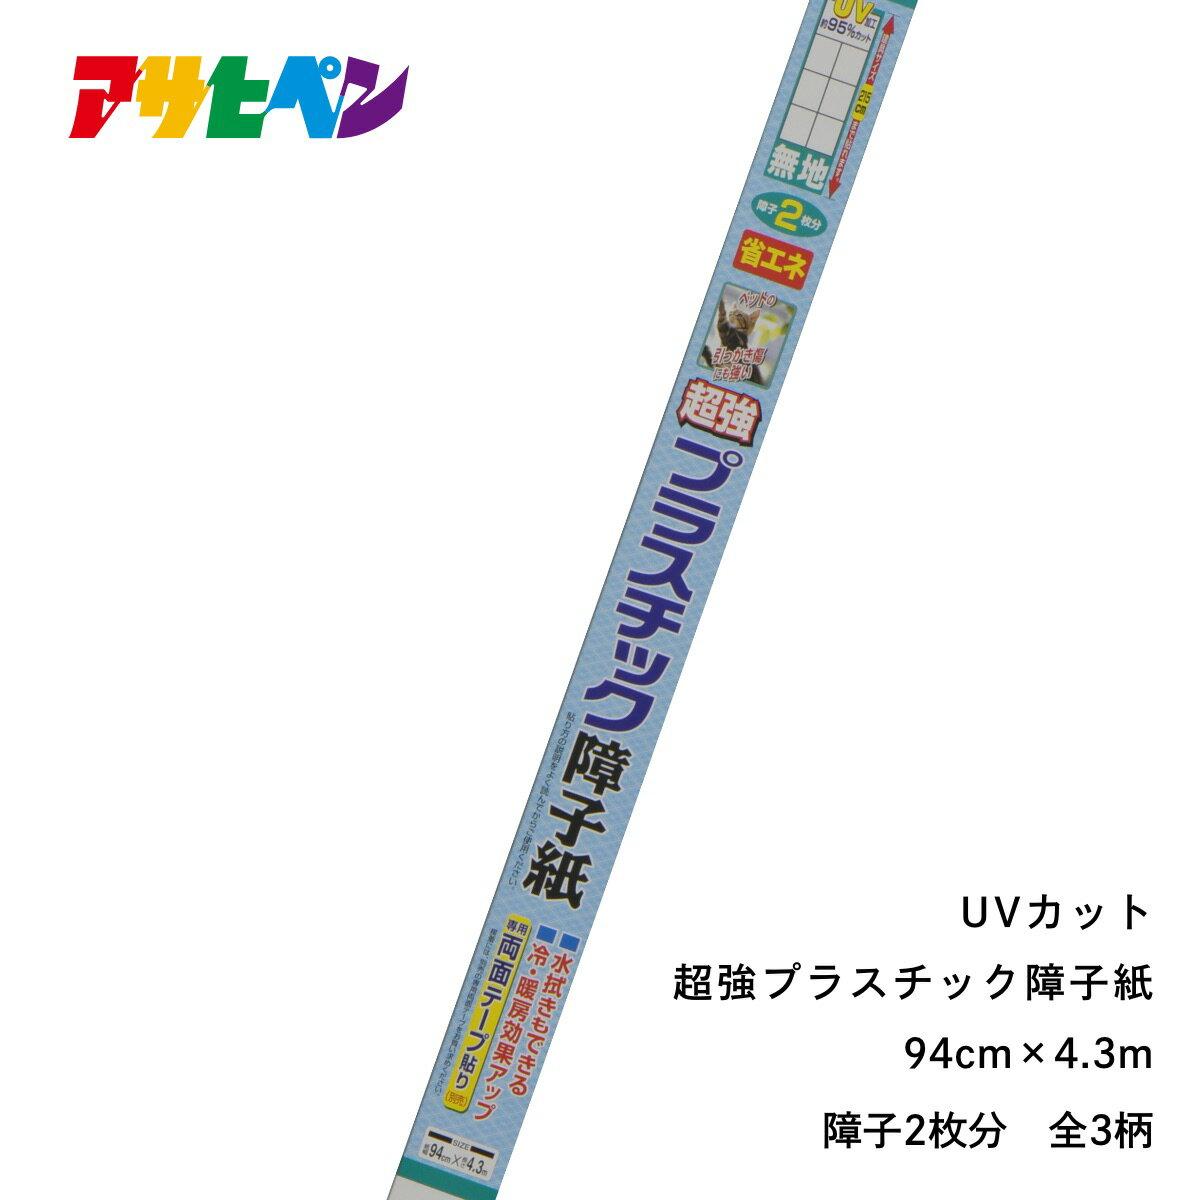 障子紙 UVカット超強プラスチック障子紙 幅94cm×長さ4.3m ※専用両面テープ別売 アサヒペン 障子 張り替え しょうじ紙